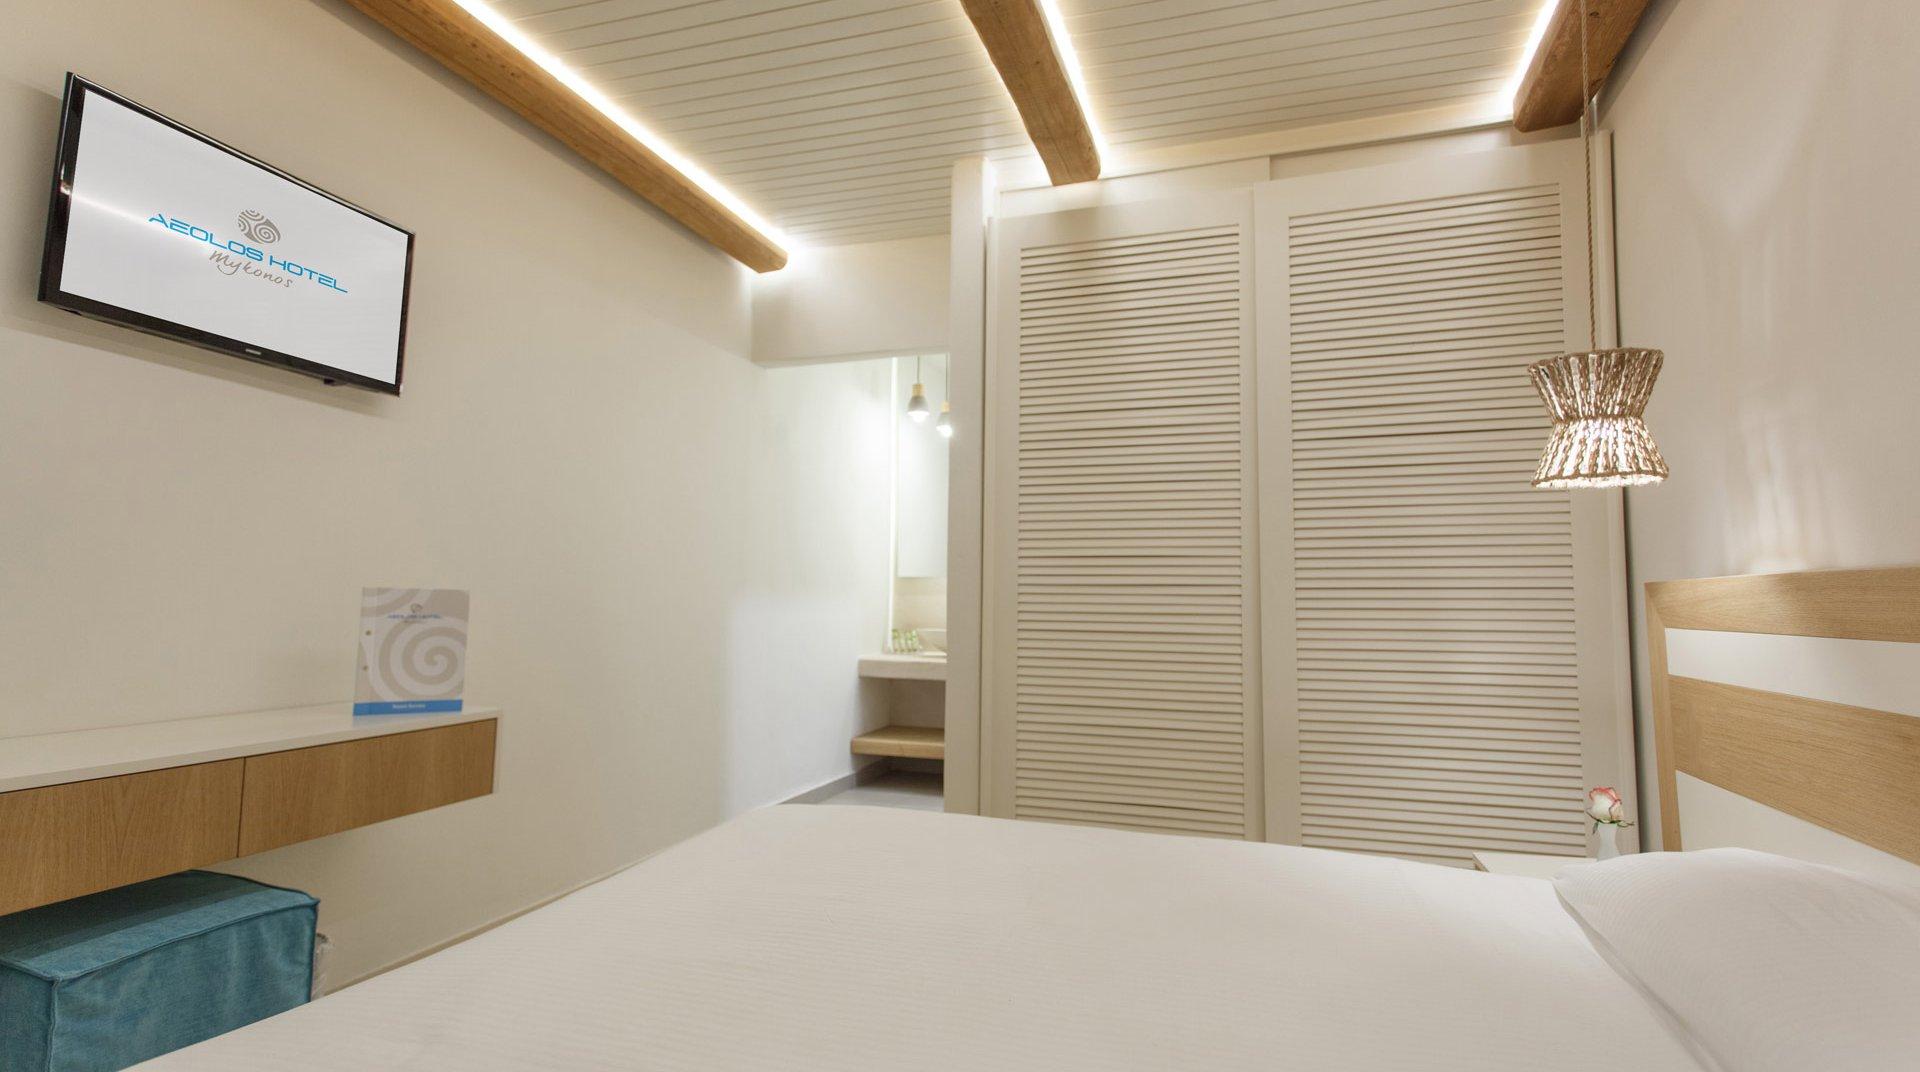 Το εσωτερικό του δωματίου από την μία πλευρά, με το κρεβάτι, την ντουλάπα, την τηλεόραση και τον διάδρομο προς το μπάνιο